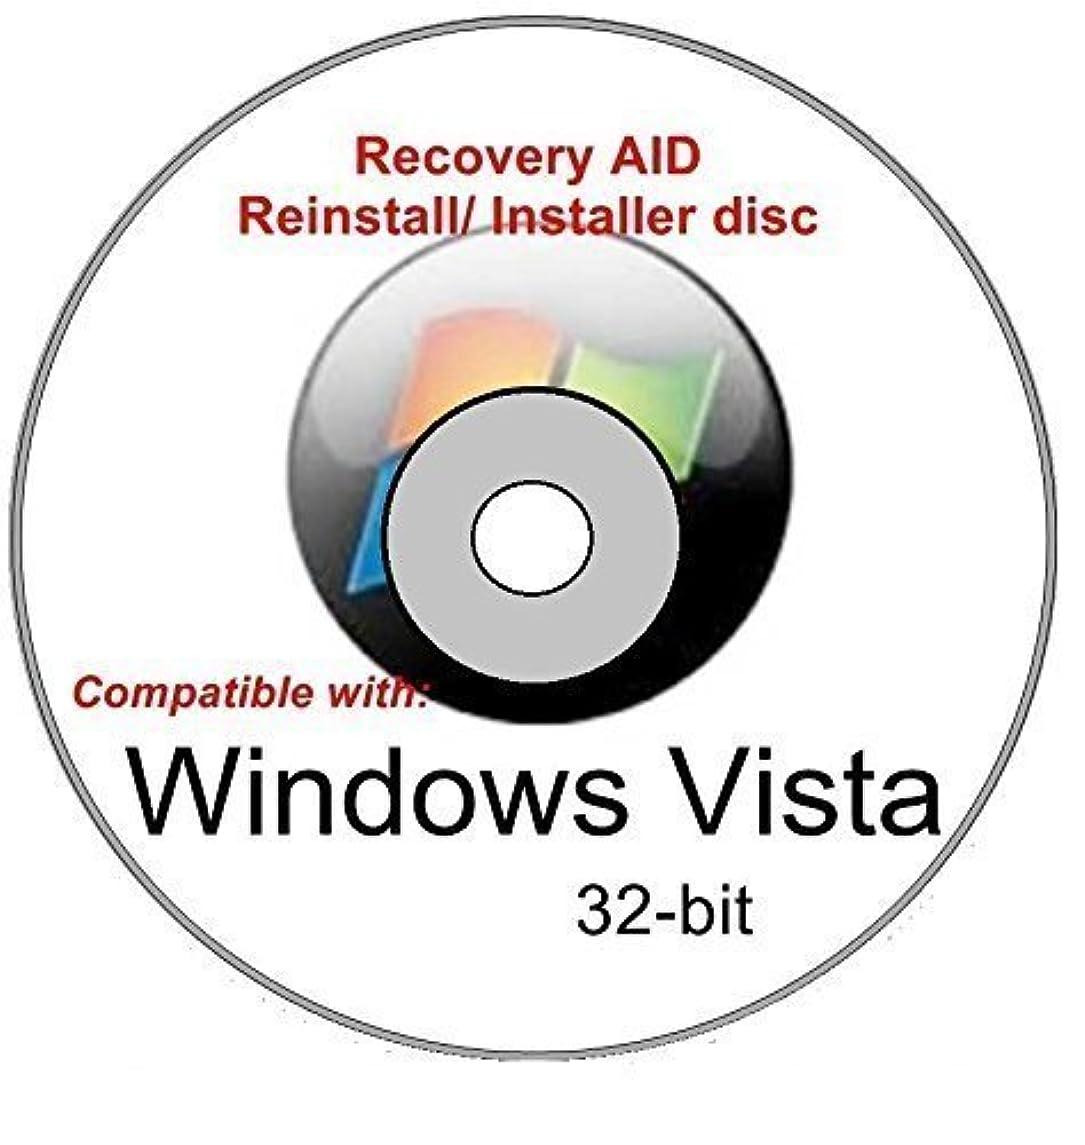 泥沼行政スカープWindows Vista Ultimate 32-bit New Full Re install Operating System Boot Disc - Repair Restore Recover DVD